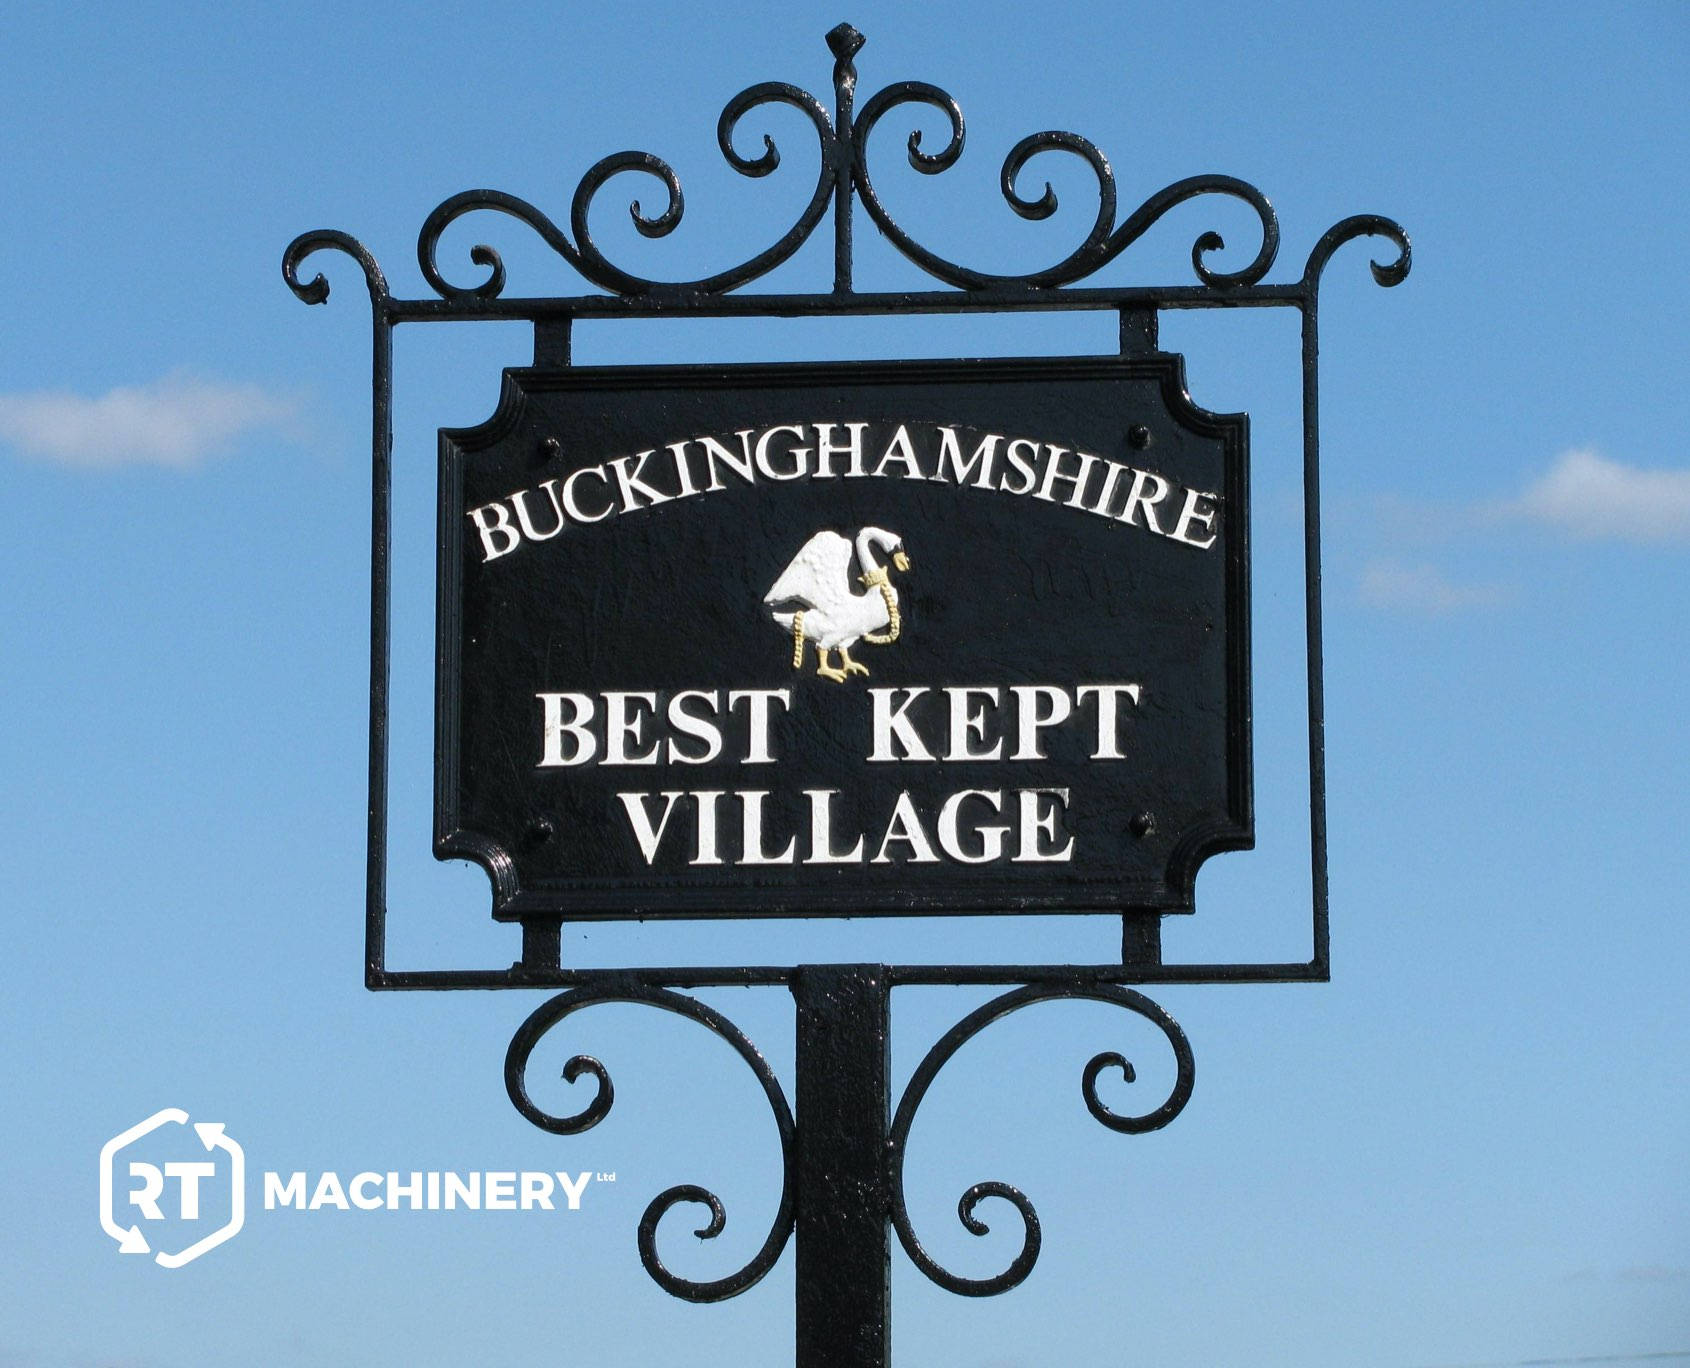 Buckinghamshire's Best Kept Village